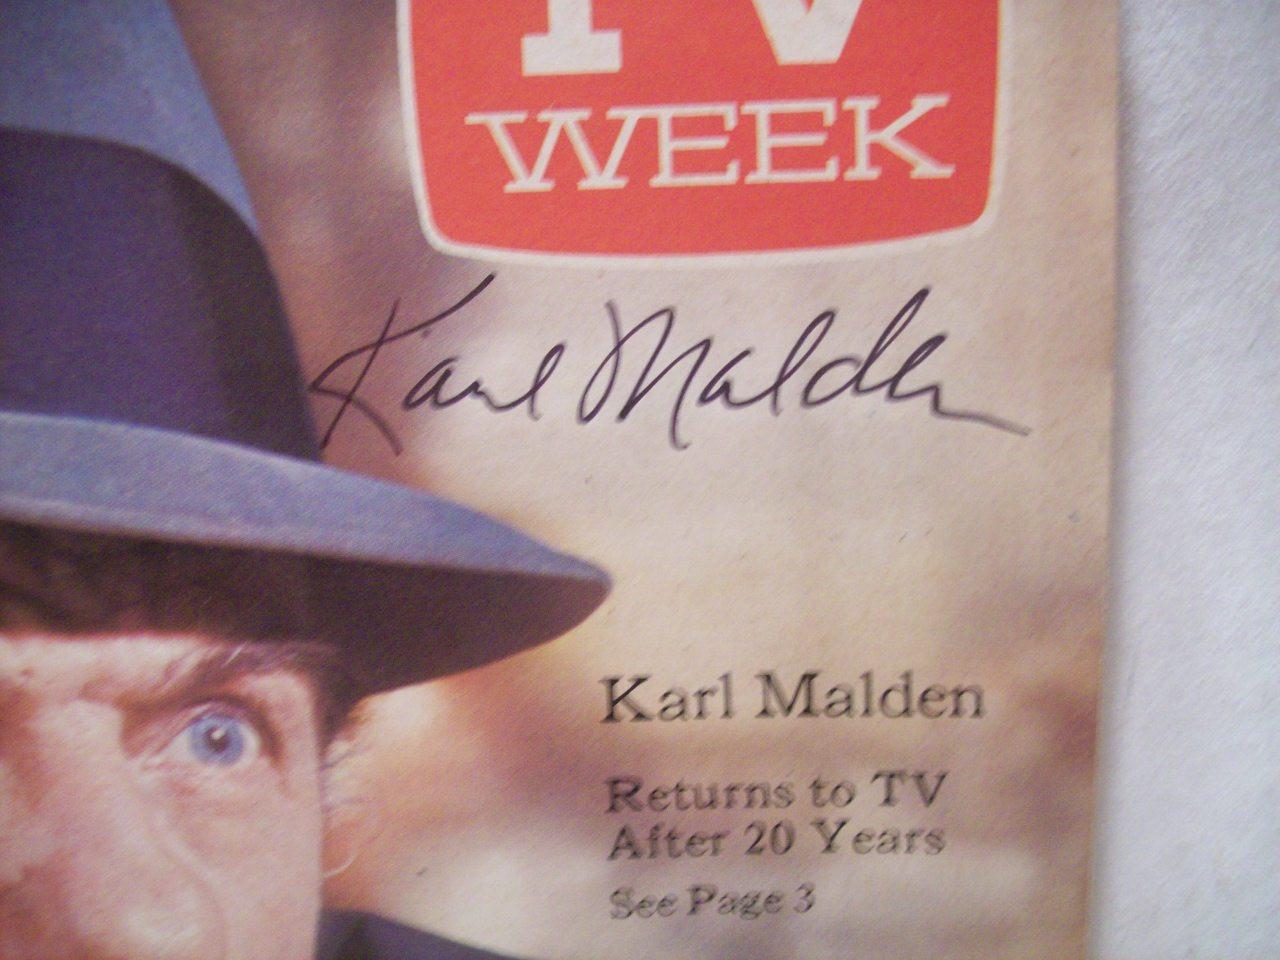 Malden, Karl Tv Week Signed Autograph Streets of San Francisco Sept 24 1972